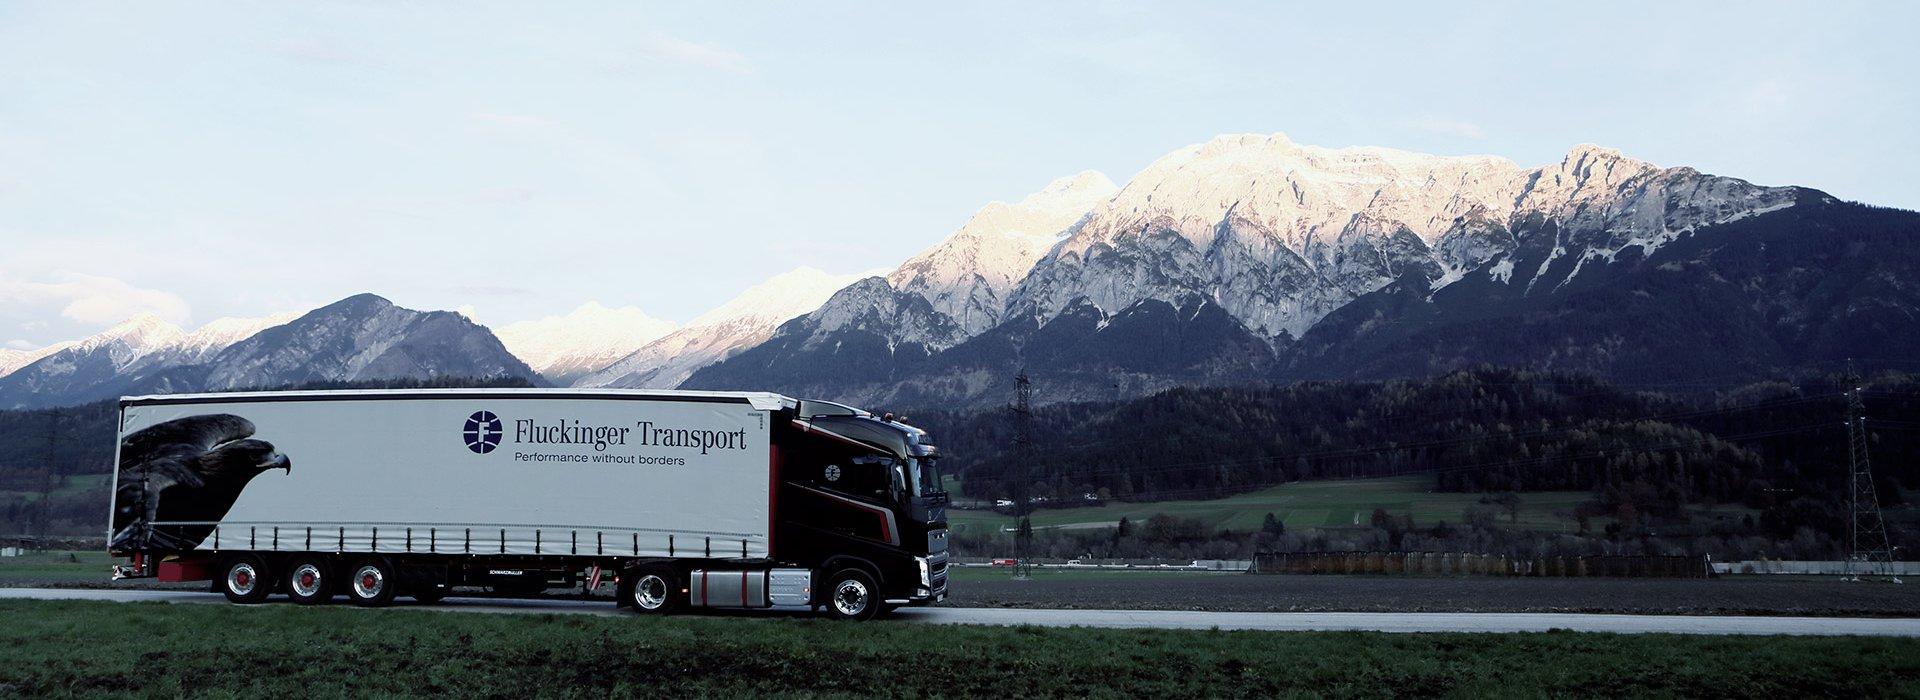 Fluckinger Transport lastbil